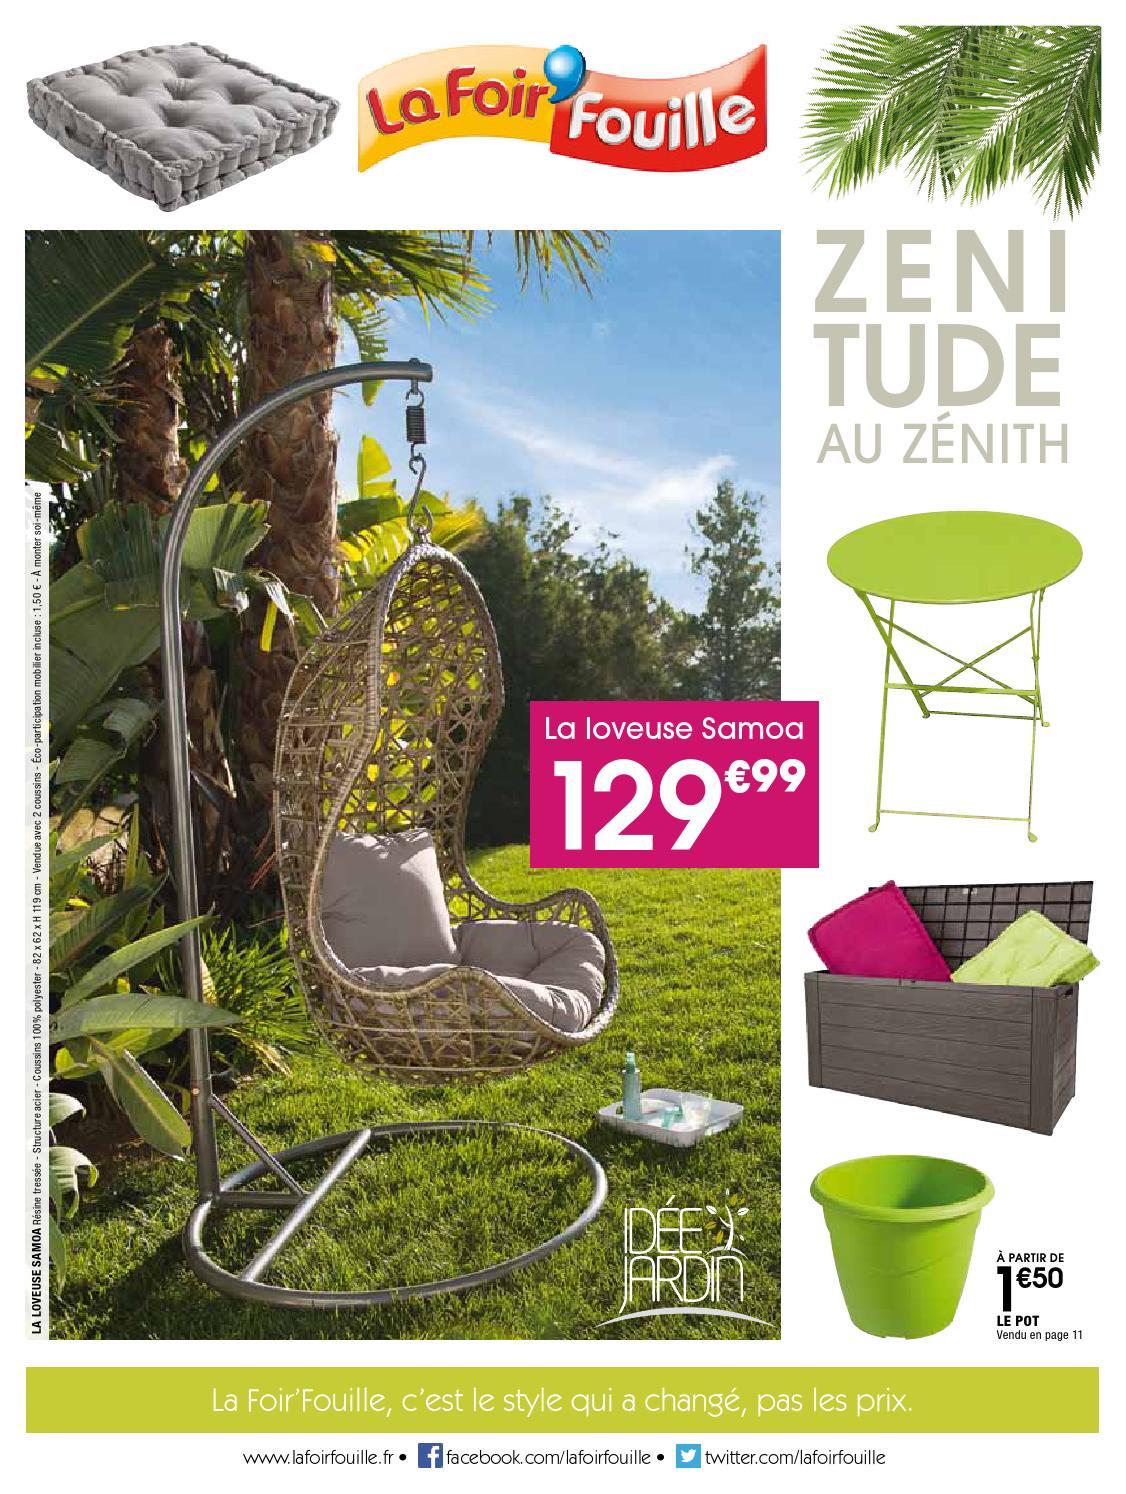 Catalogue La Foir Fouille - Zenitude Au Zénith By Joe Monroe ... encequiconcerne Salon De Jardin La Foir Fouille